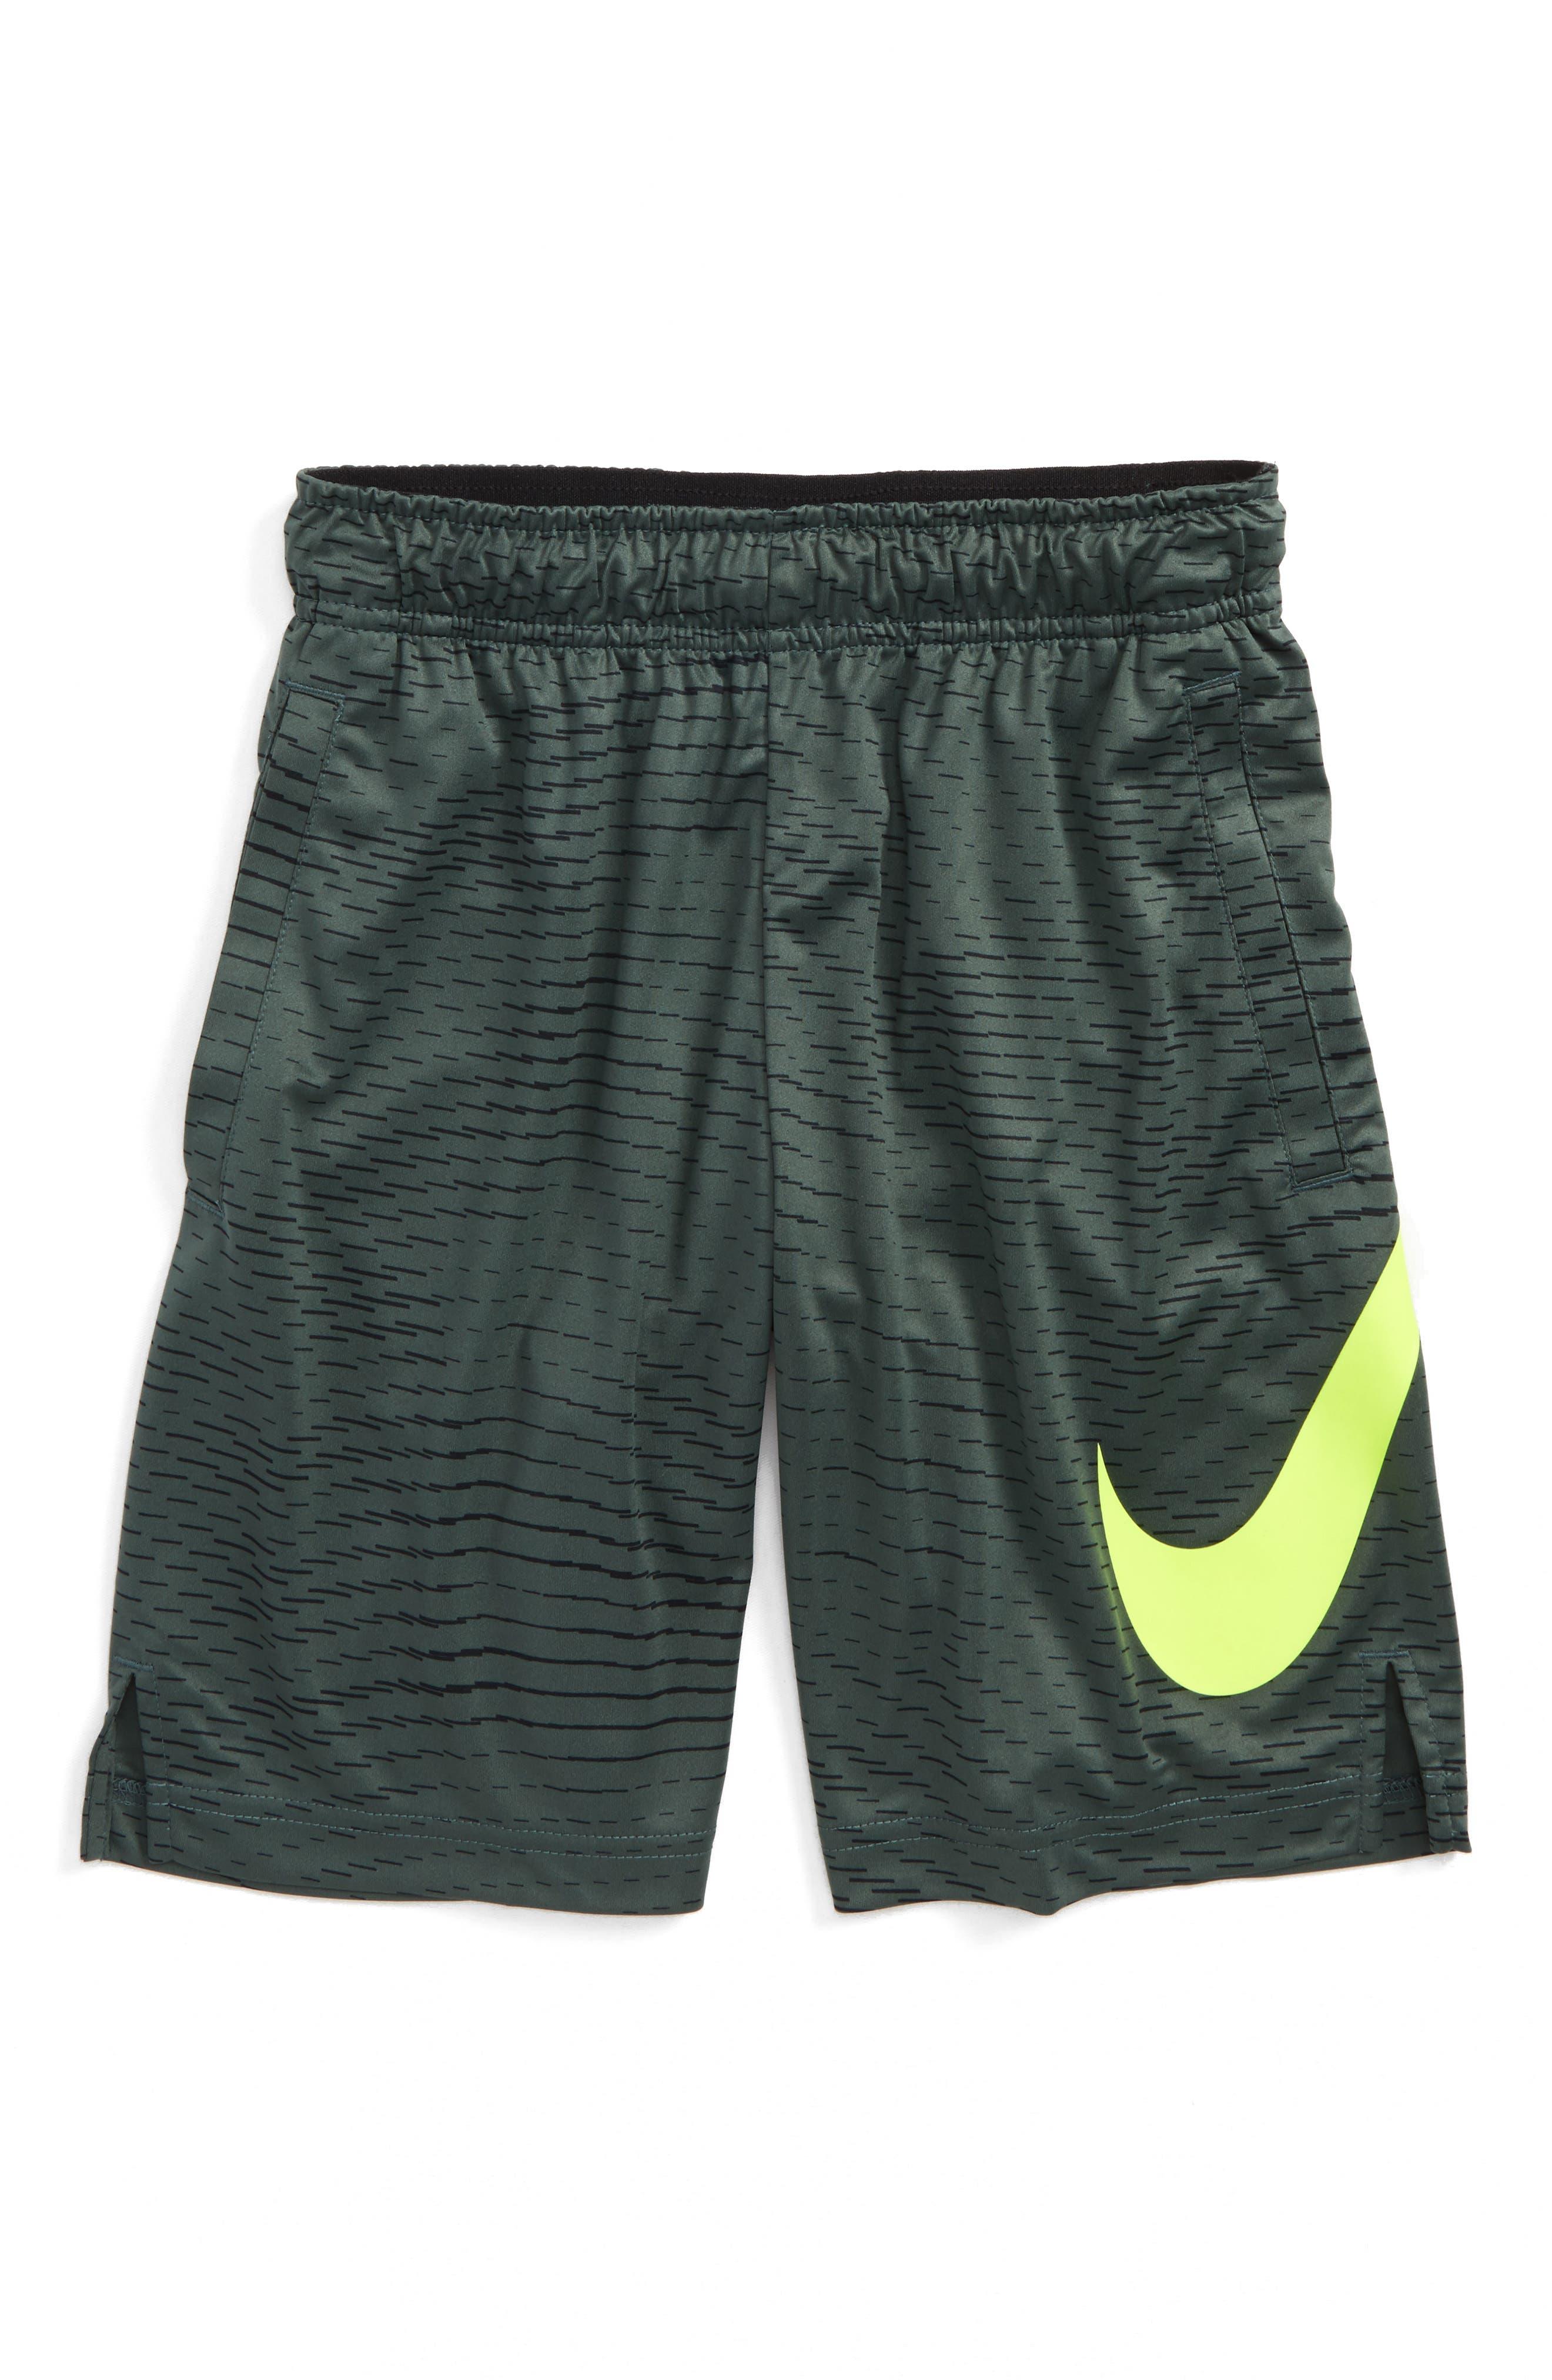 AOP Dry Shorts,                             Main thumbnail 1, color,